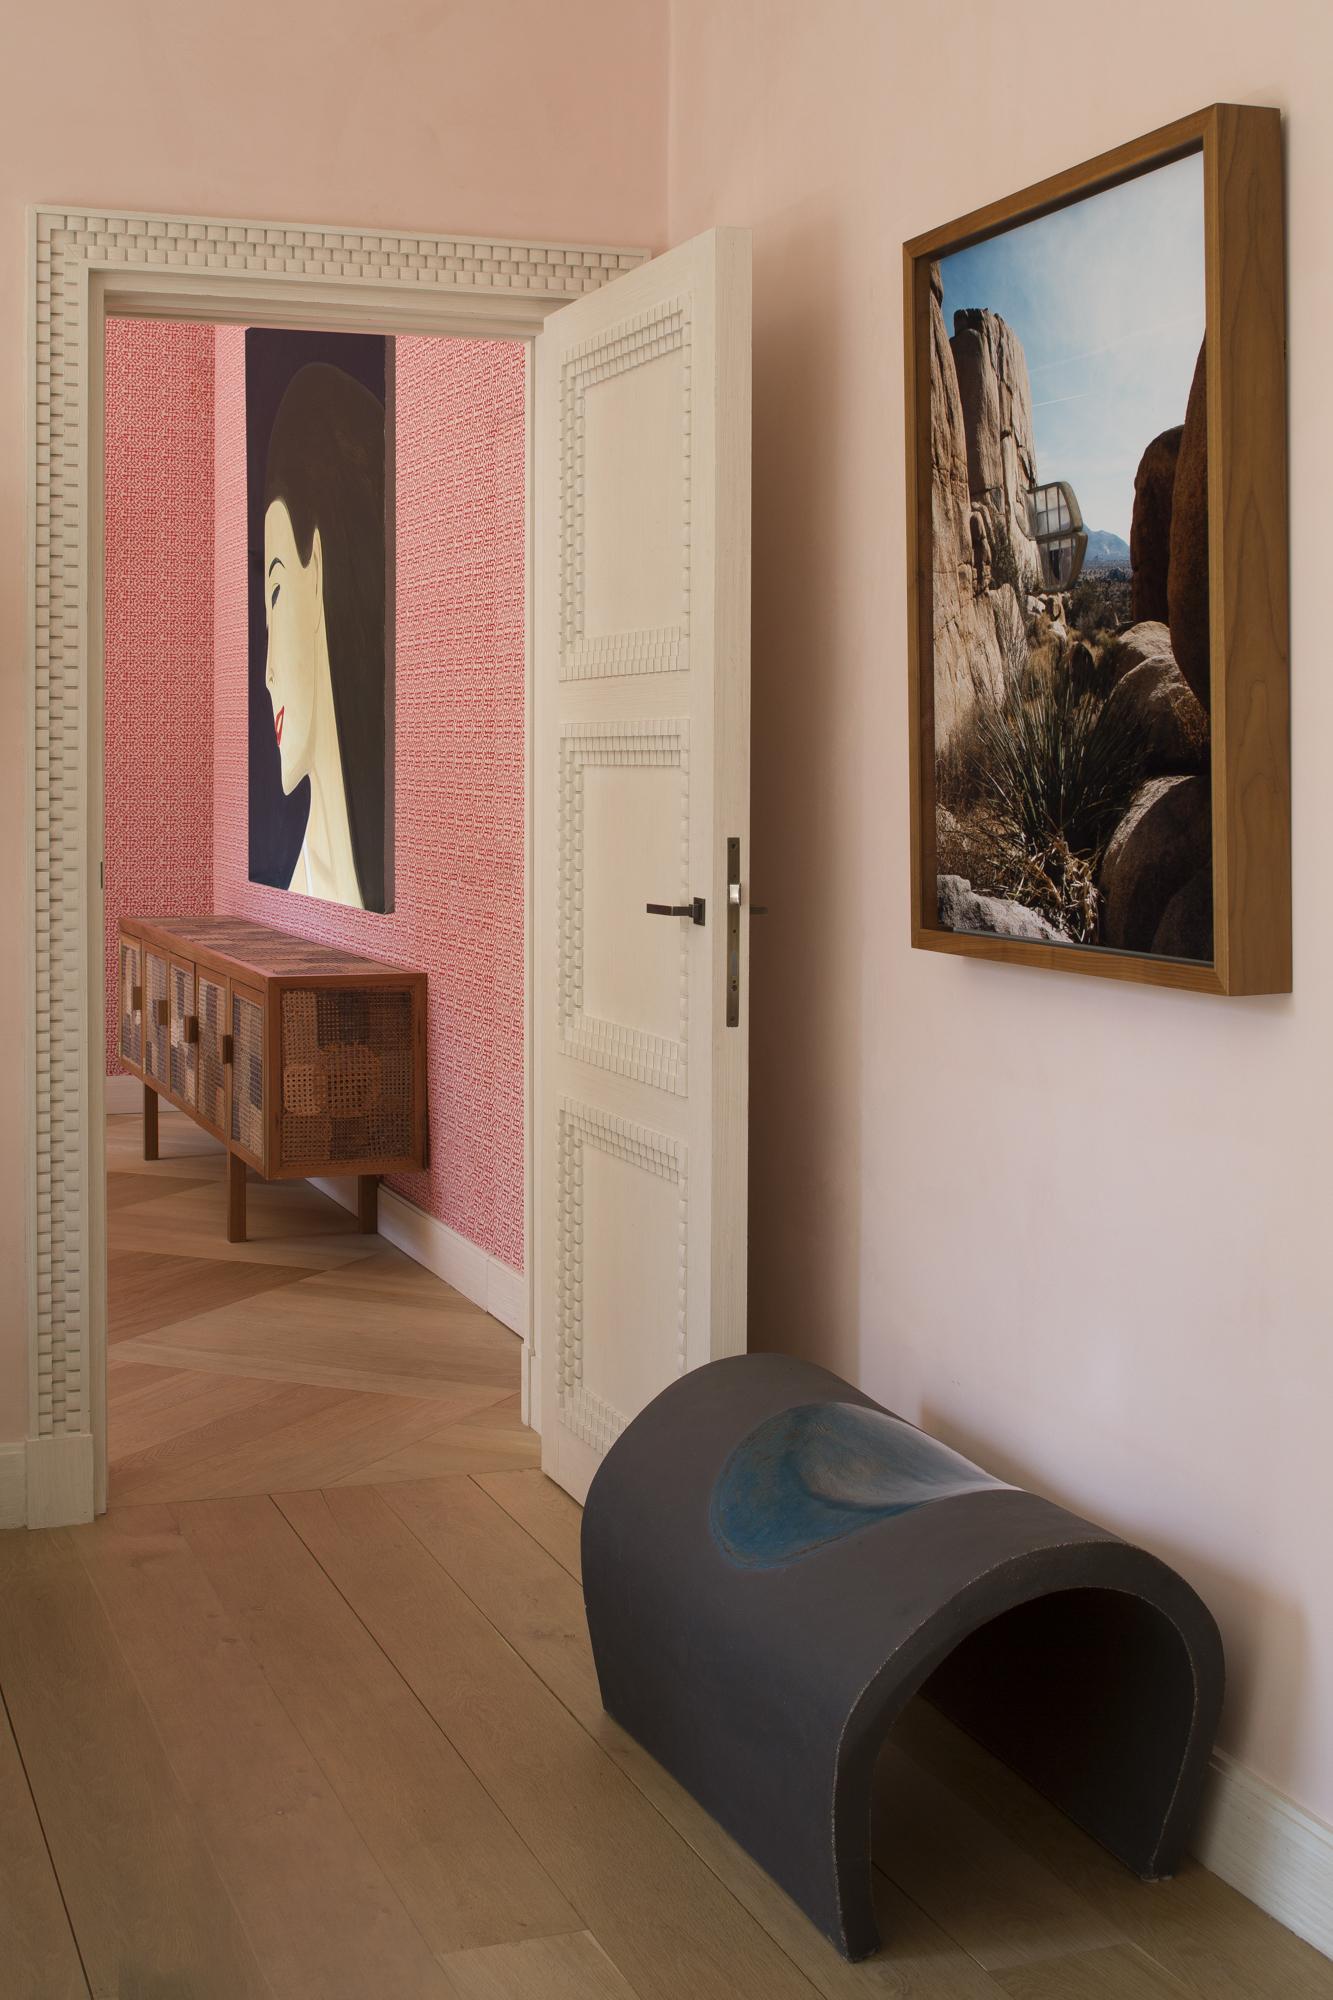 Modèle de porte créée par Féau Boiseries en s'inspirant d'un des motifs Art Déco d'Emile-Jacques Ruhlmann